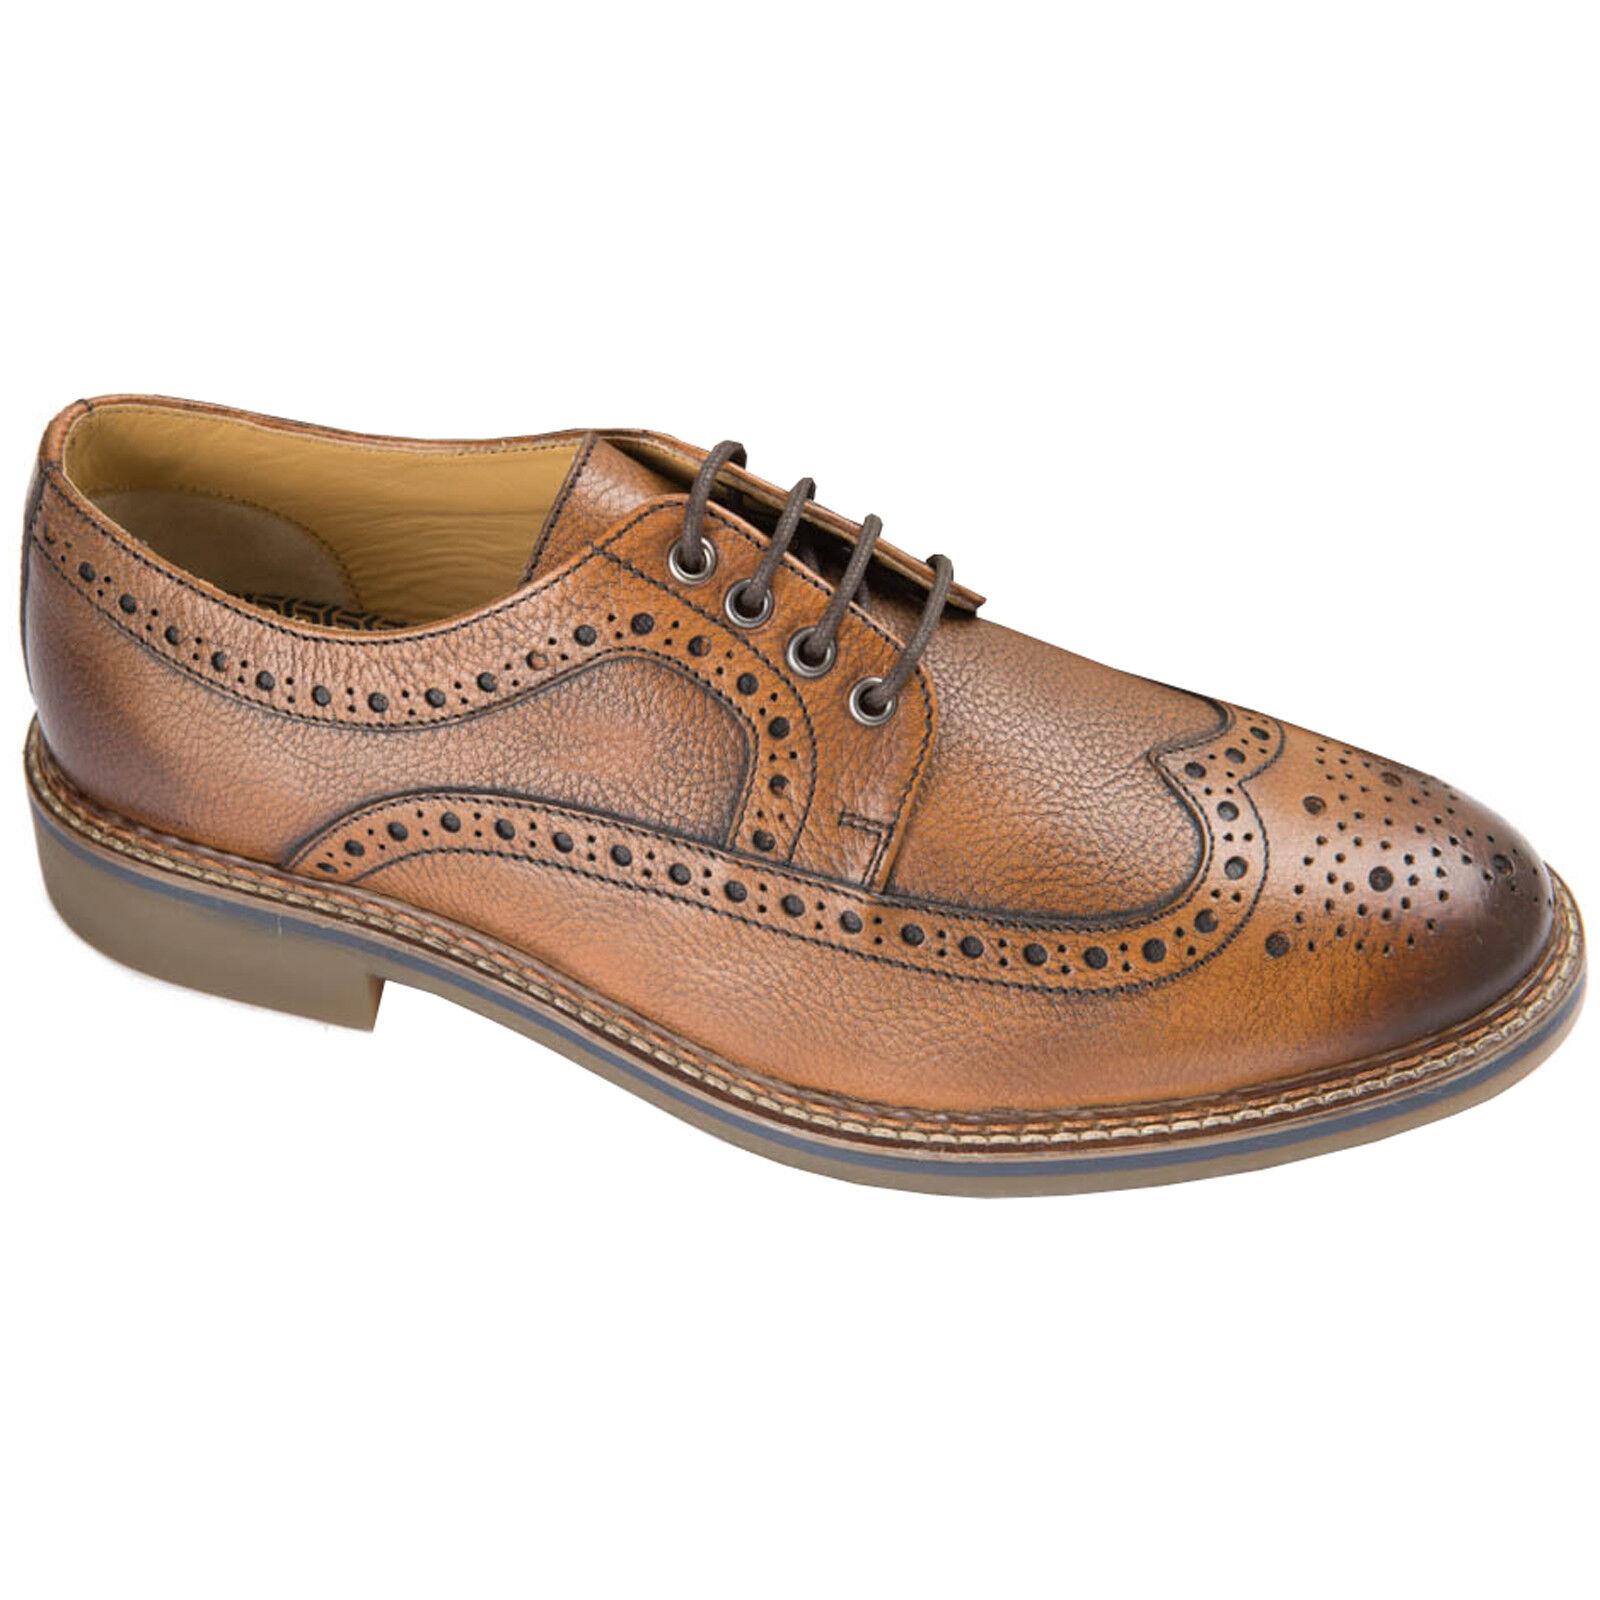 Da Uomo Ikon ORZO Formali Eleganti Scarpe Scarpe classiche da uomo